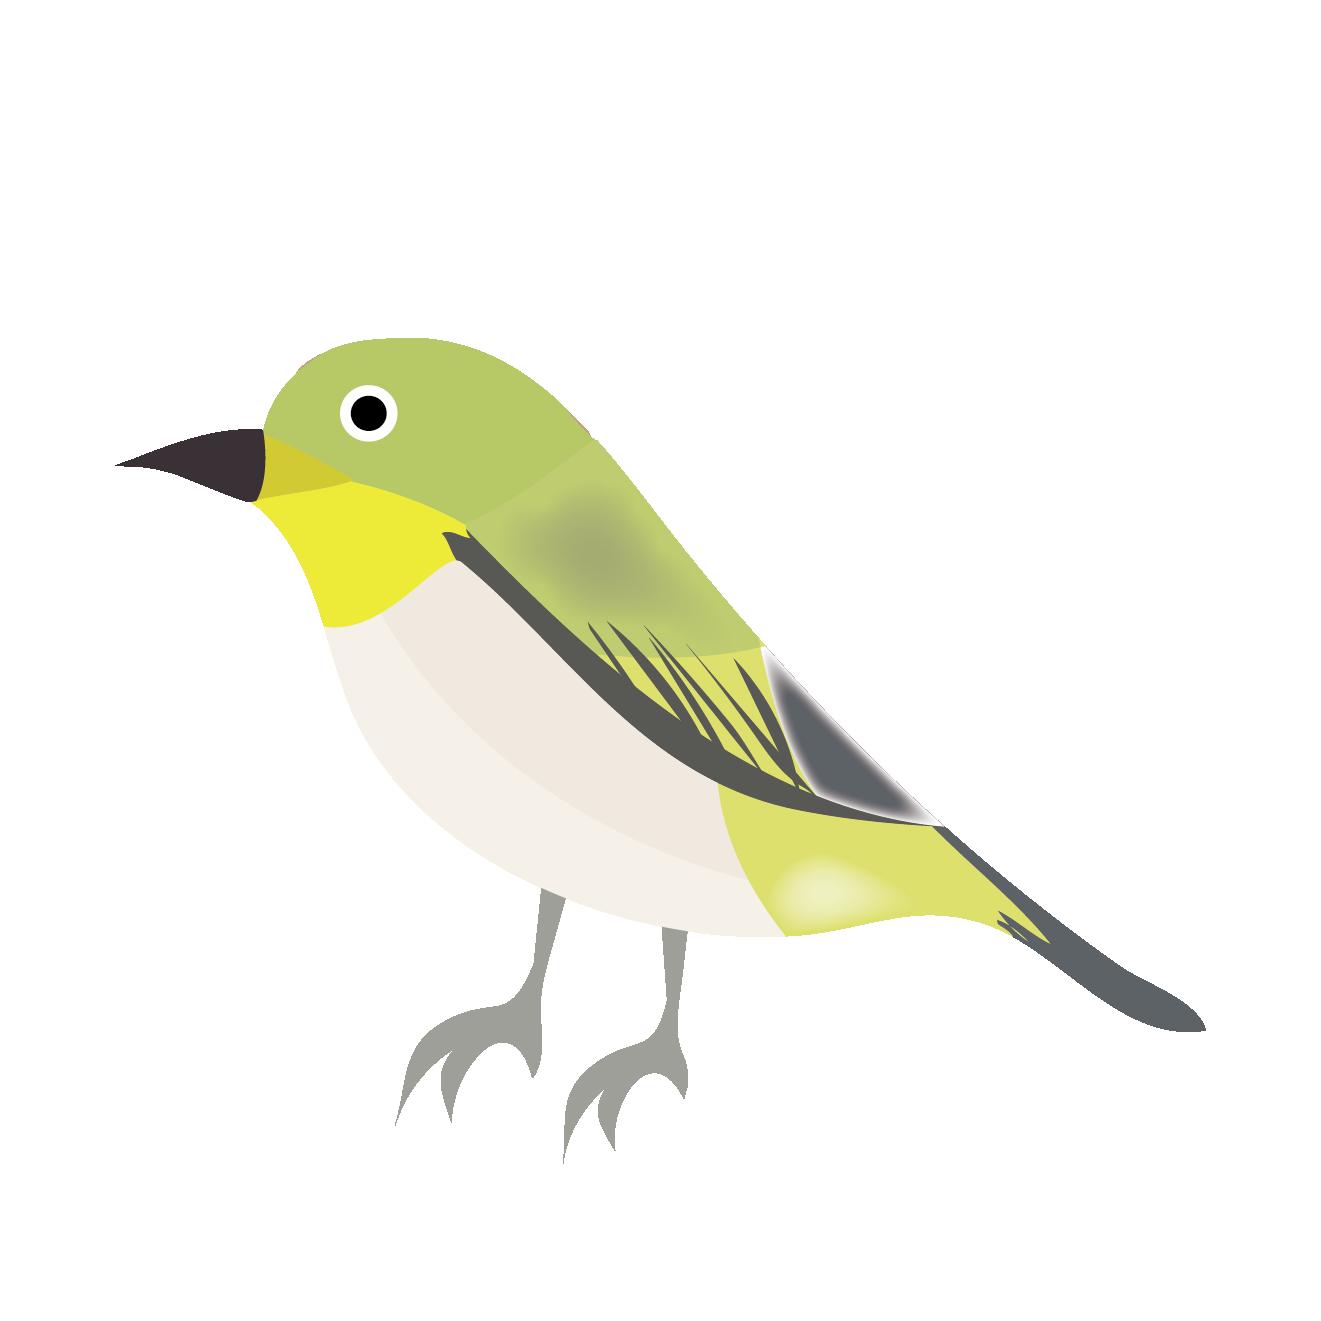 かわいいメジロ 鳥のイラスト 商用フリー無料のイラスト素材なら